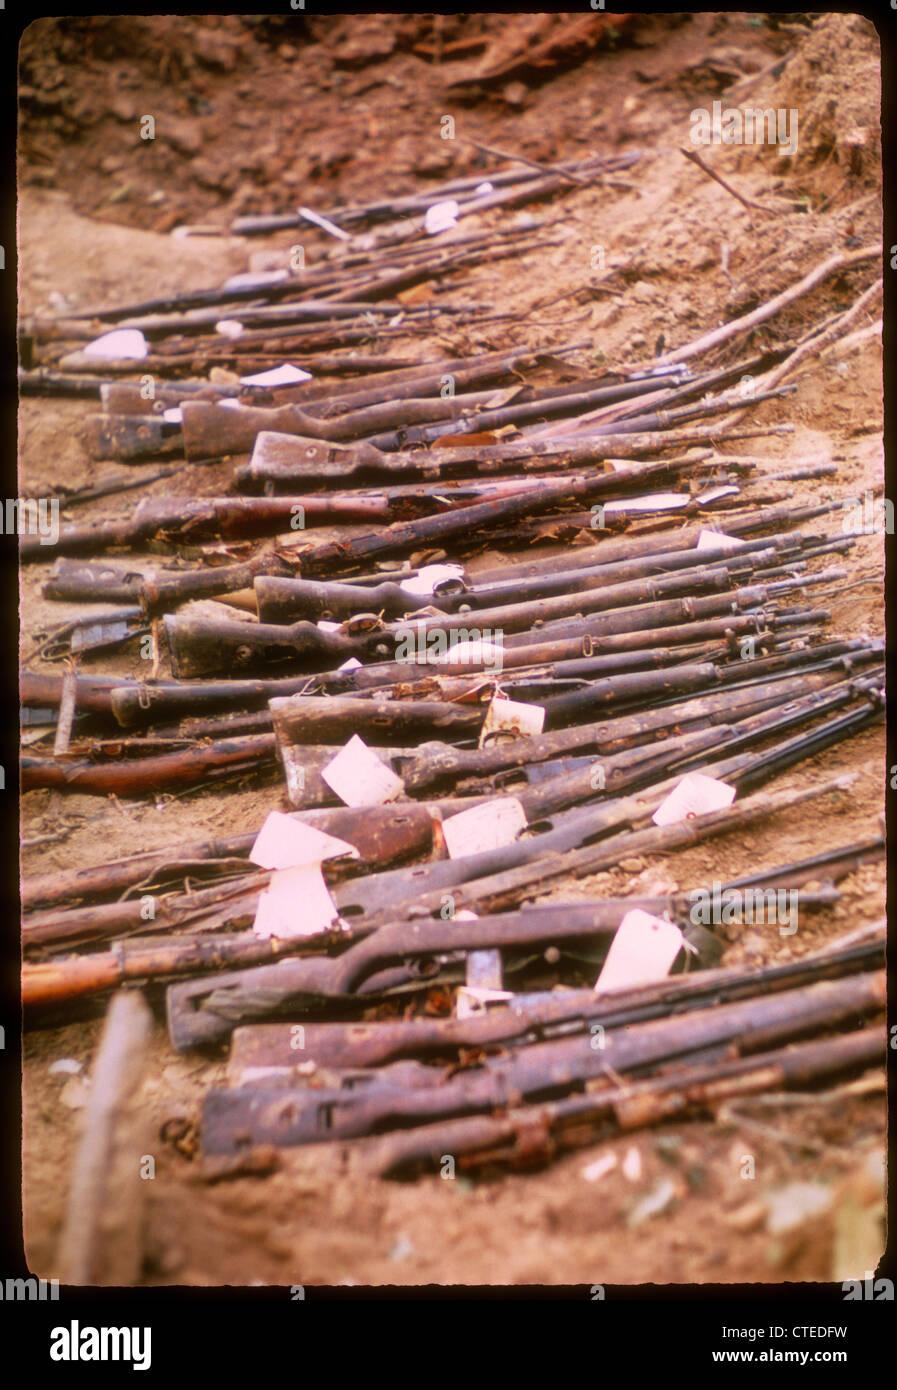 Gewehre erobert während des Vietnamkriegs - Mauser k98, Mosin Nagant, M1 Carbine Verlegung in Schmutz 7.62X54R Stockbild